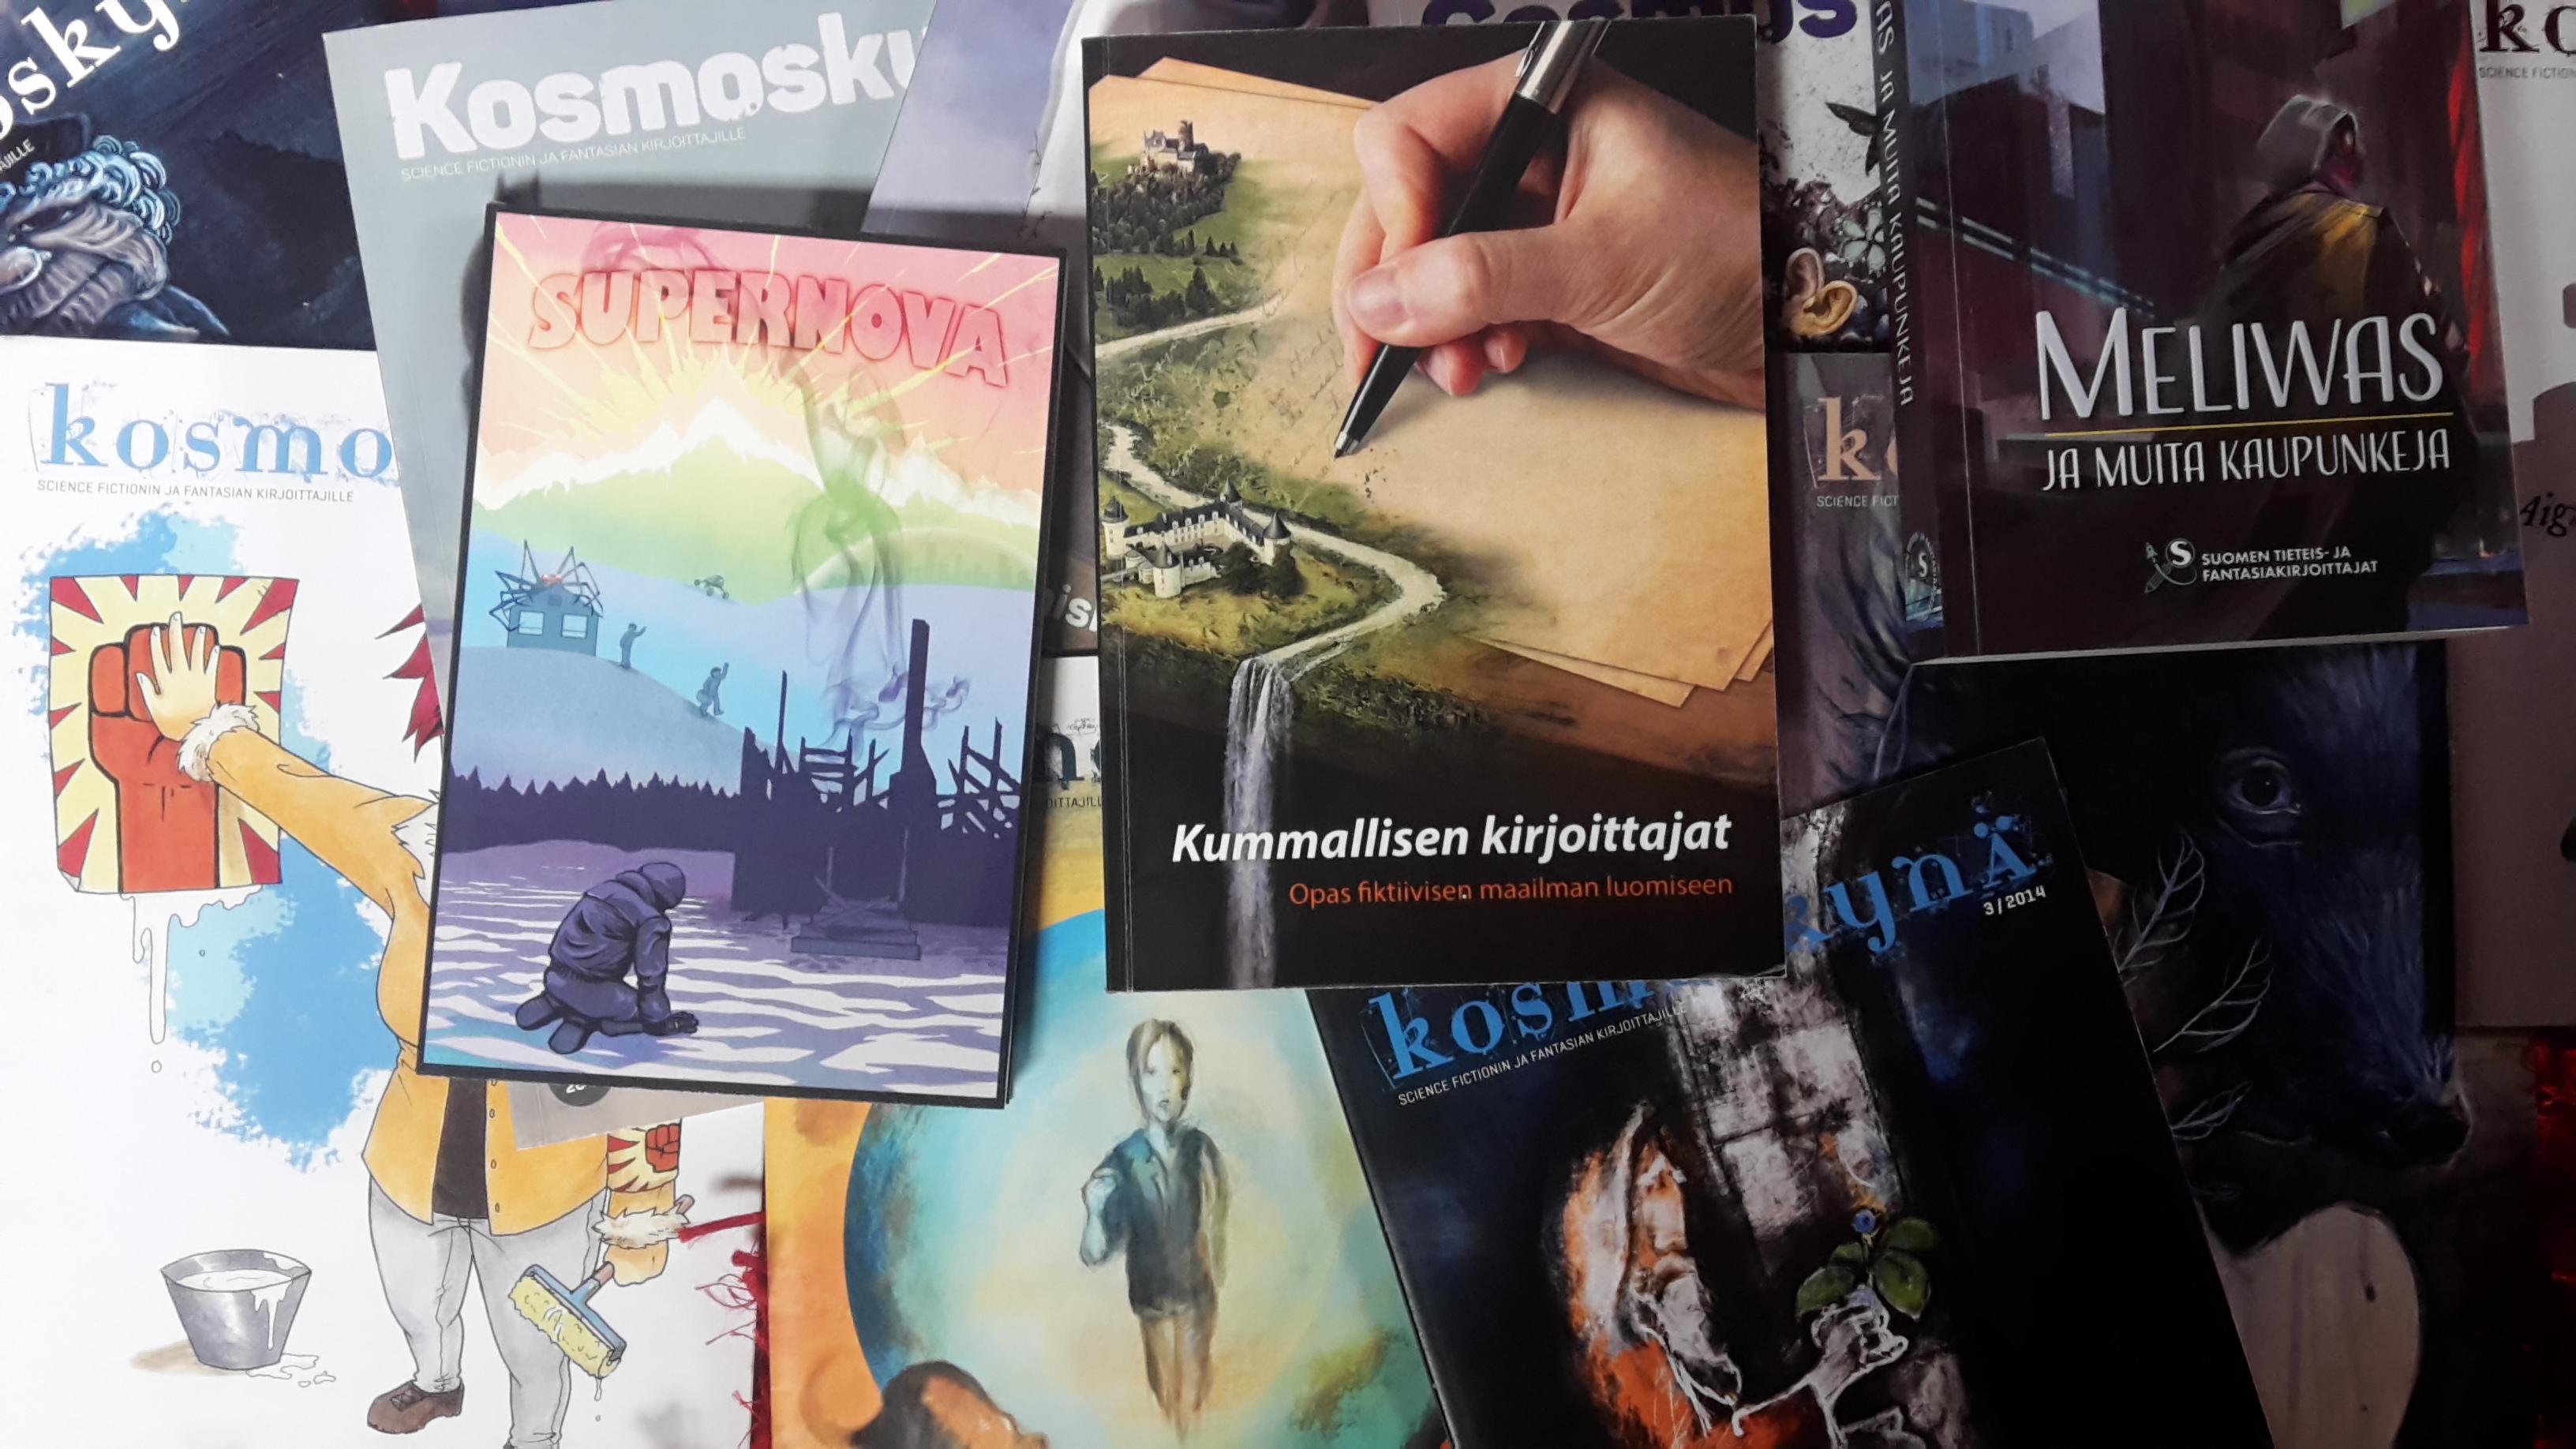 Stk:n kirjoittajaohjelmaa Finncon-perjantaina